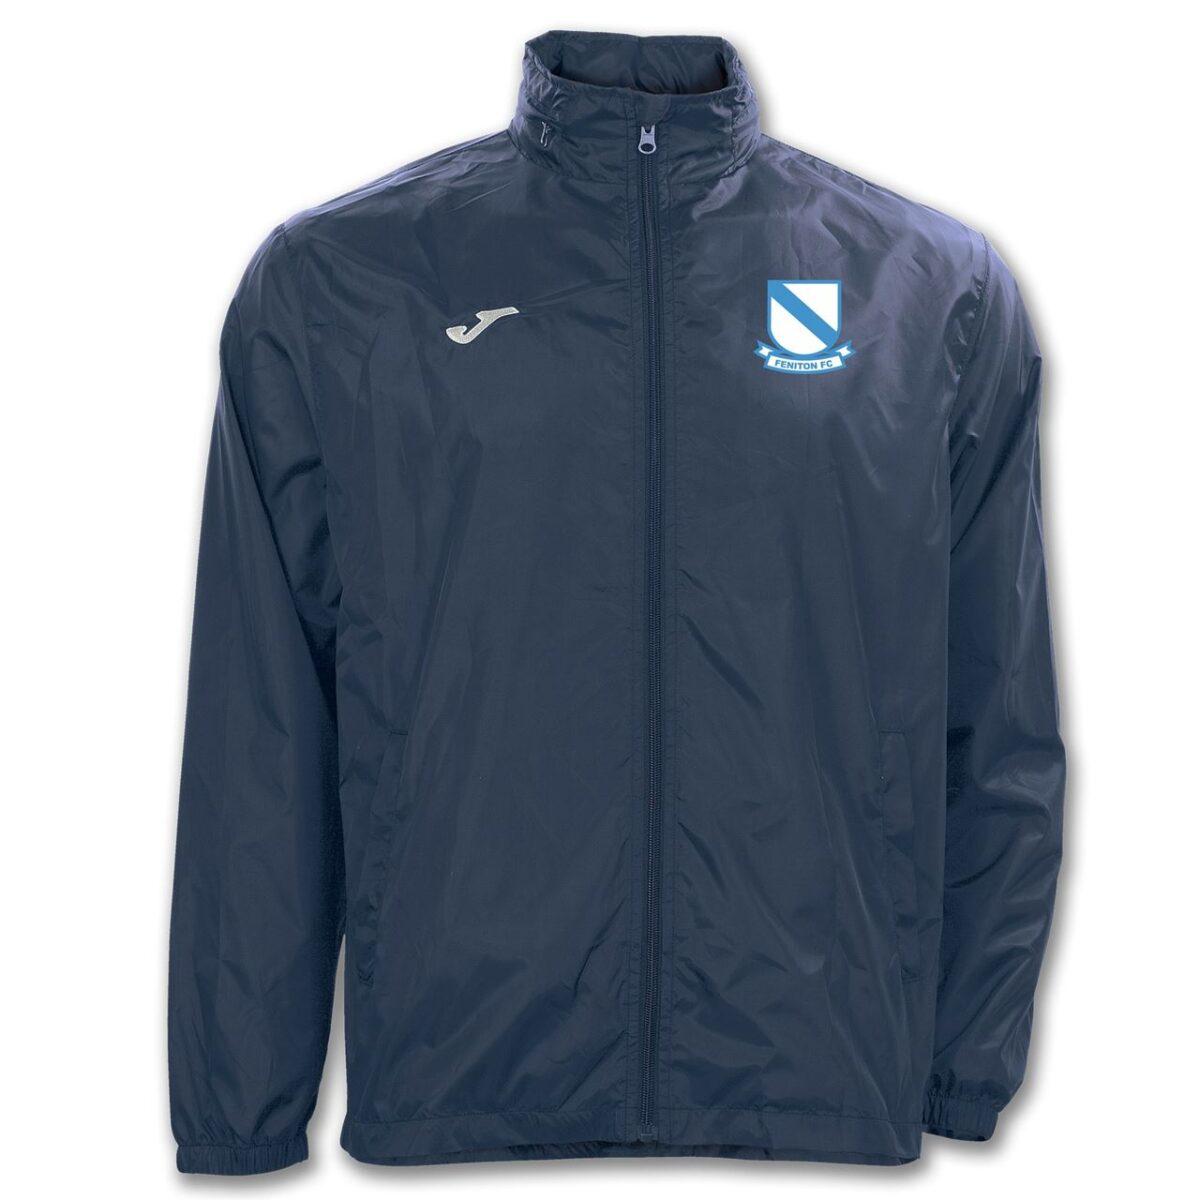 Adult Rainjacket - Feniton FC